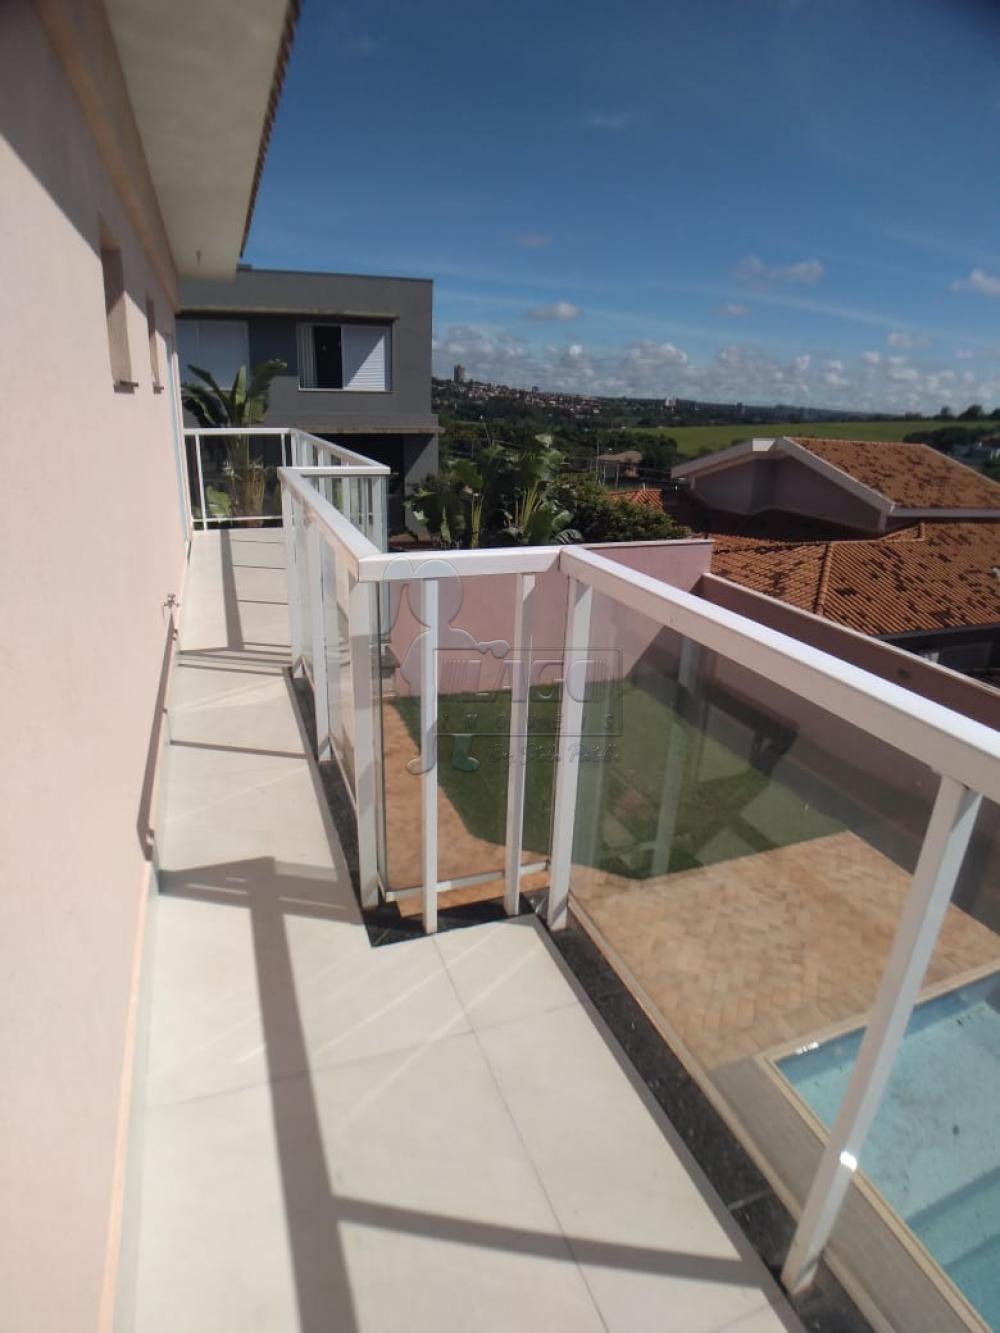 Alugar Casas / Condomínio em Bonfim Paulista apenas R$ 4.500,00 - Foto 20